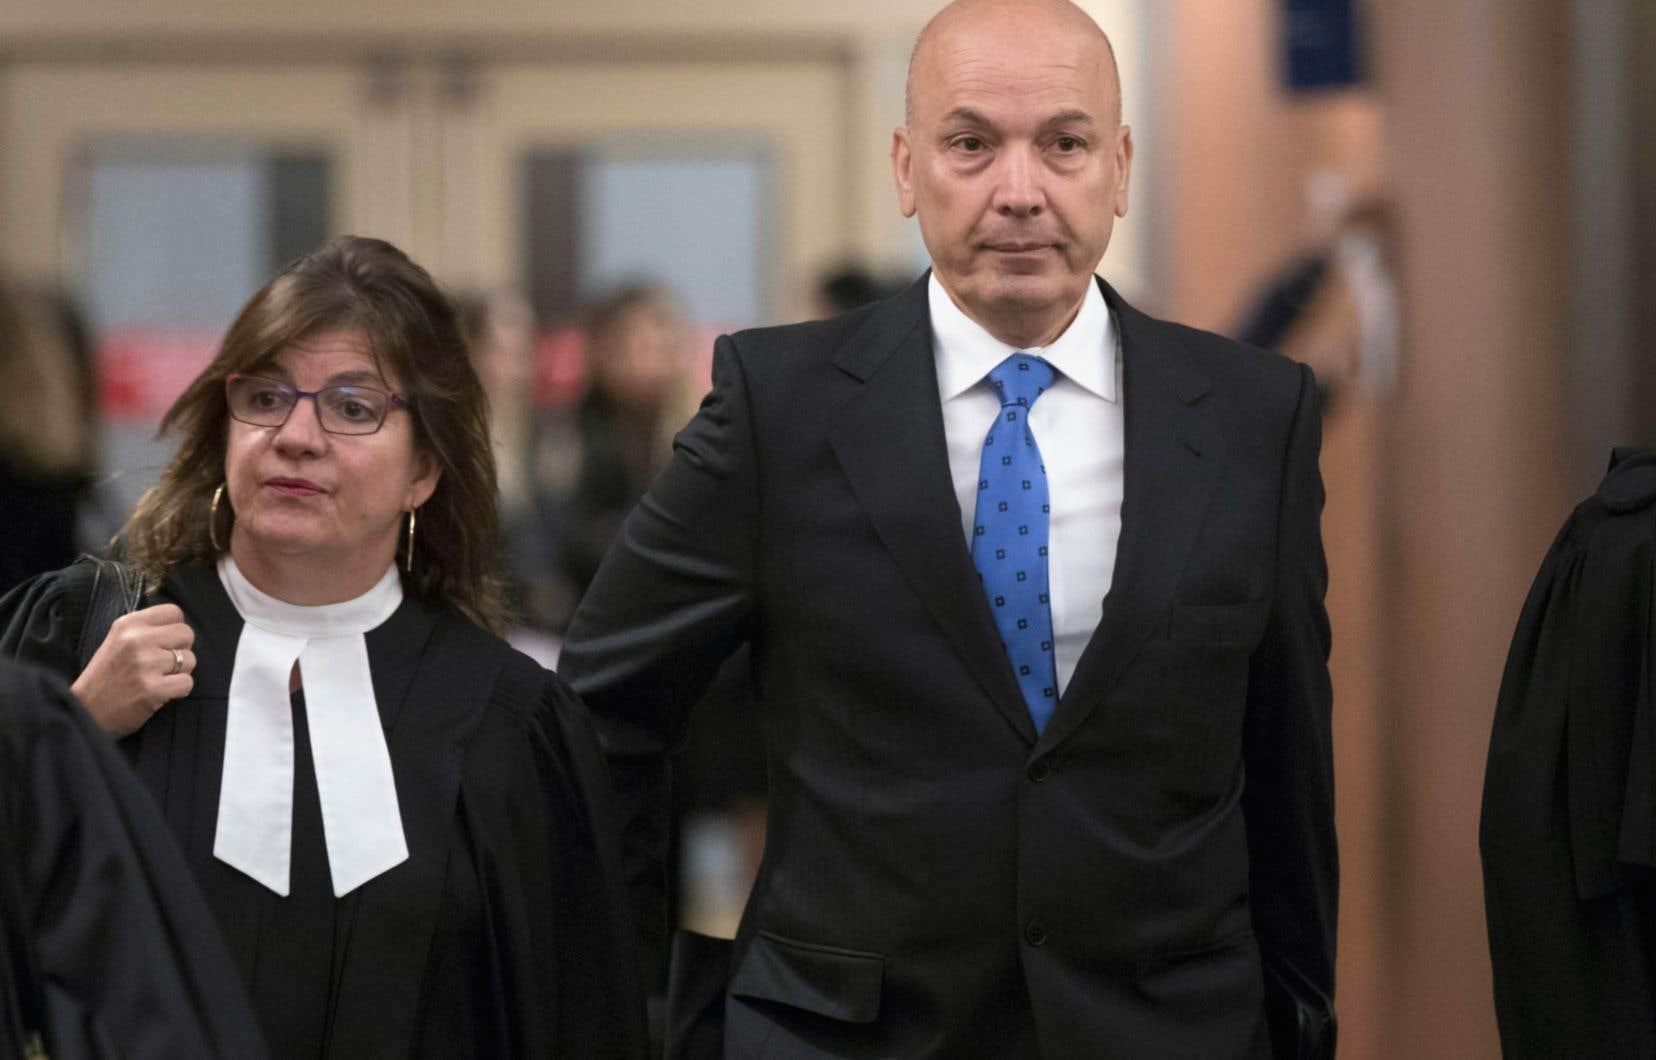 L'ancien président du comité exécutif de Montréal Frank Zampino a été blanchi des accusations qui pesaient contre lui.